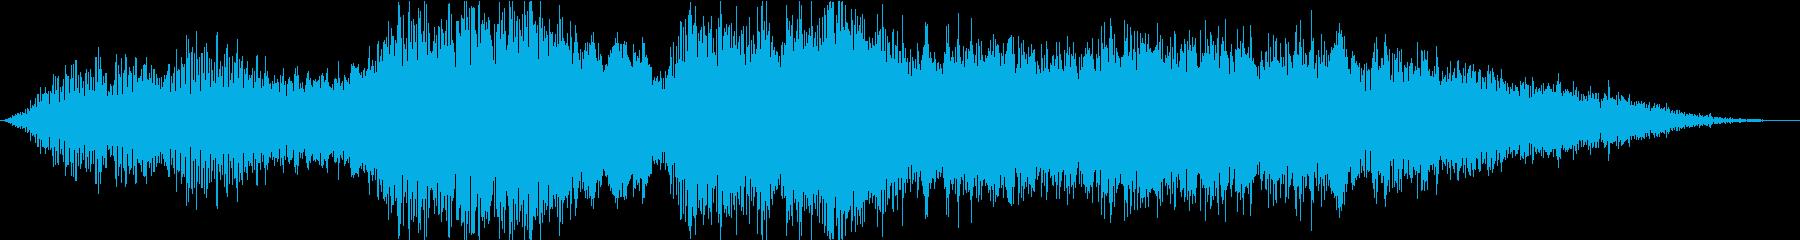 効果音と背景テクスチャの広々とした...の再生済みの波形